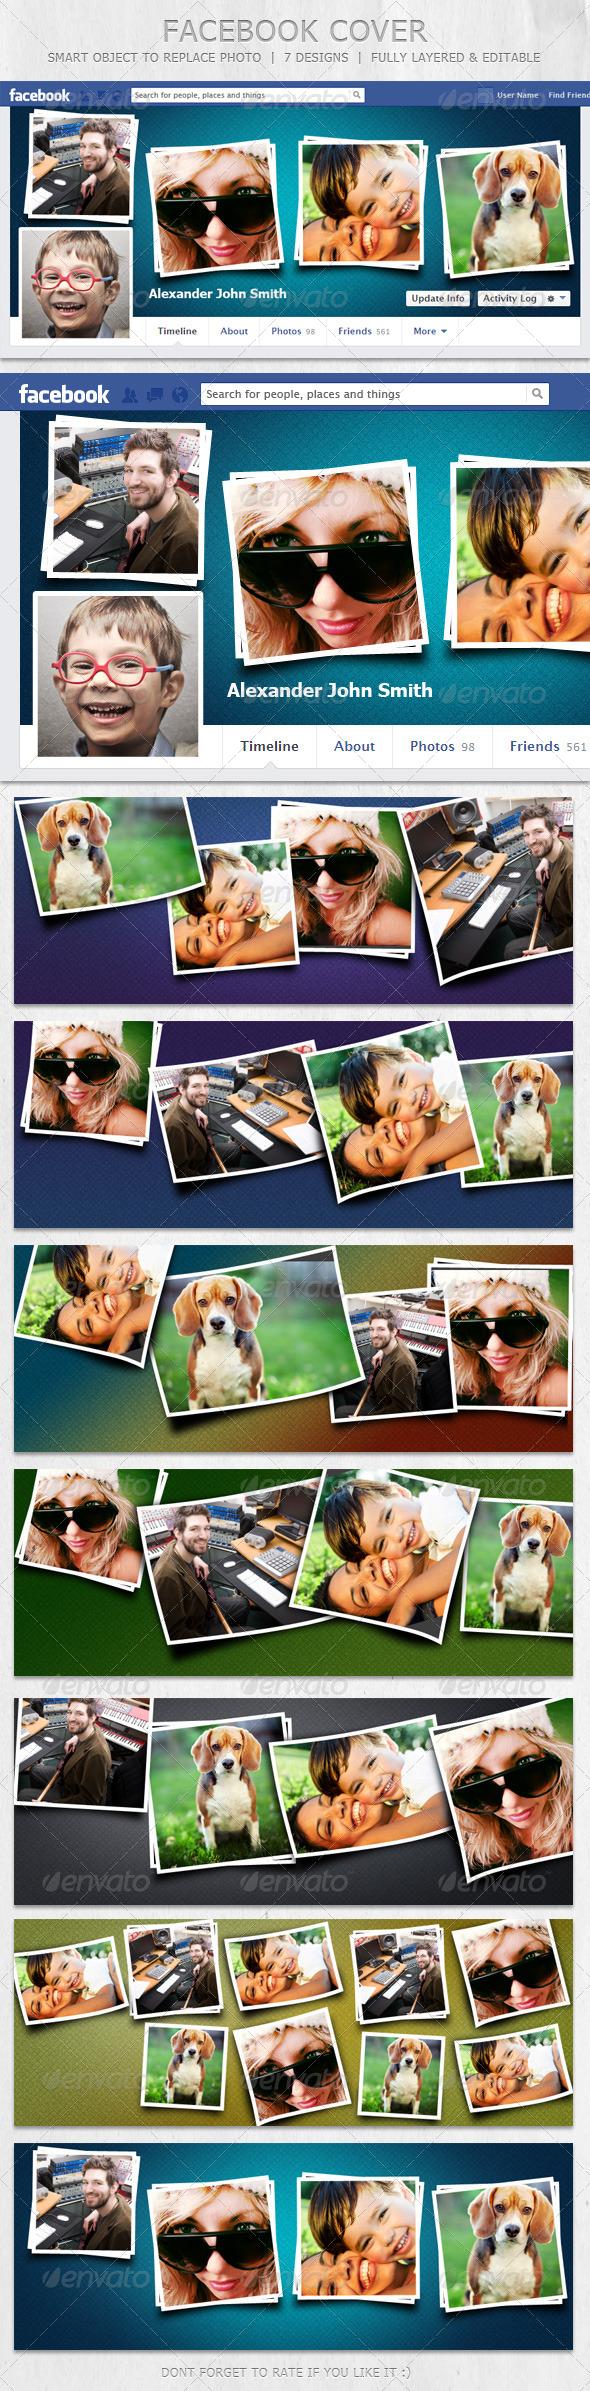 GraphicRiver FB Cover 7 Designs 6199981